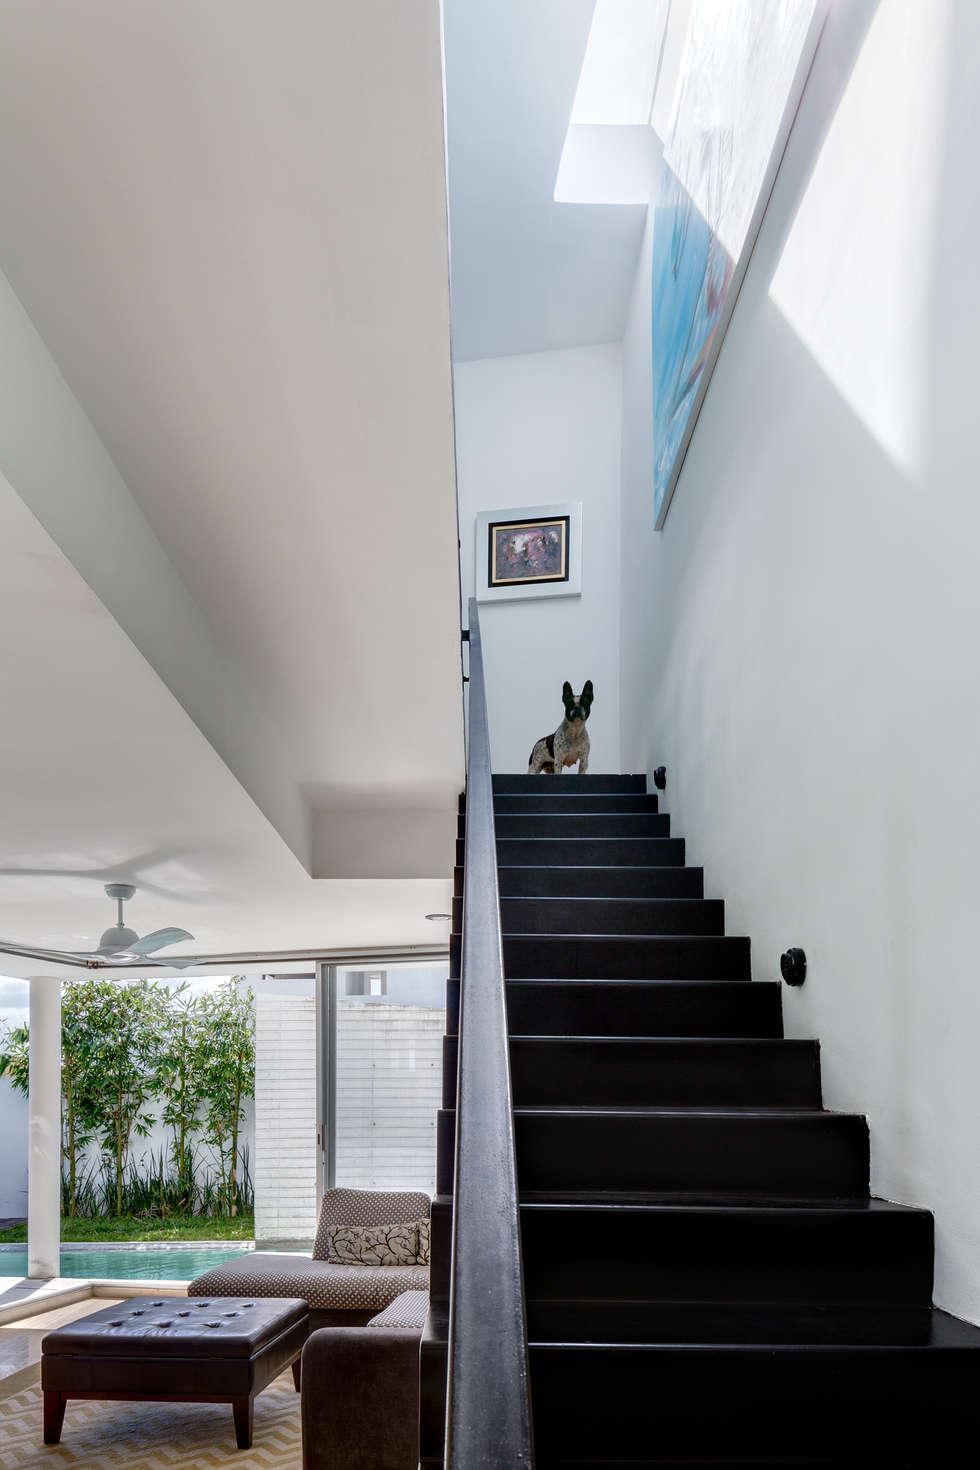 escaleras: Pasillos y recibidores de estilo  por Taller ADC Architecture Office